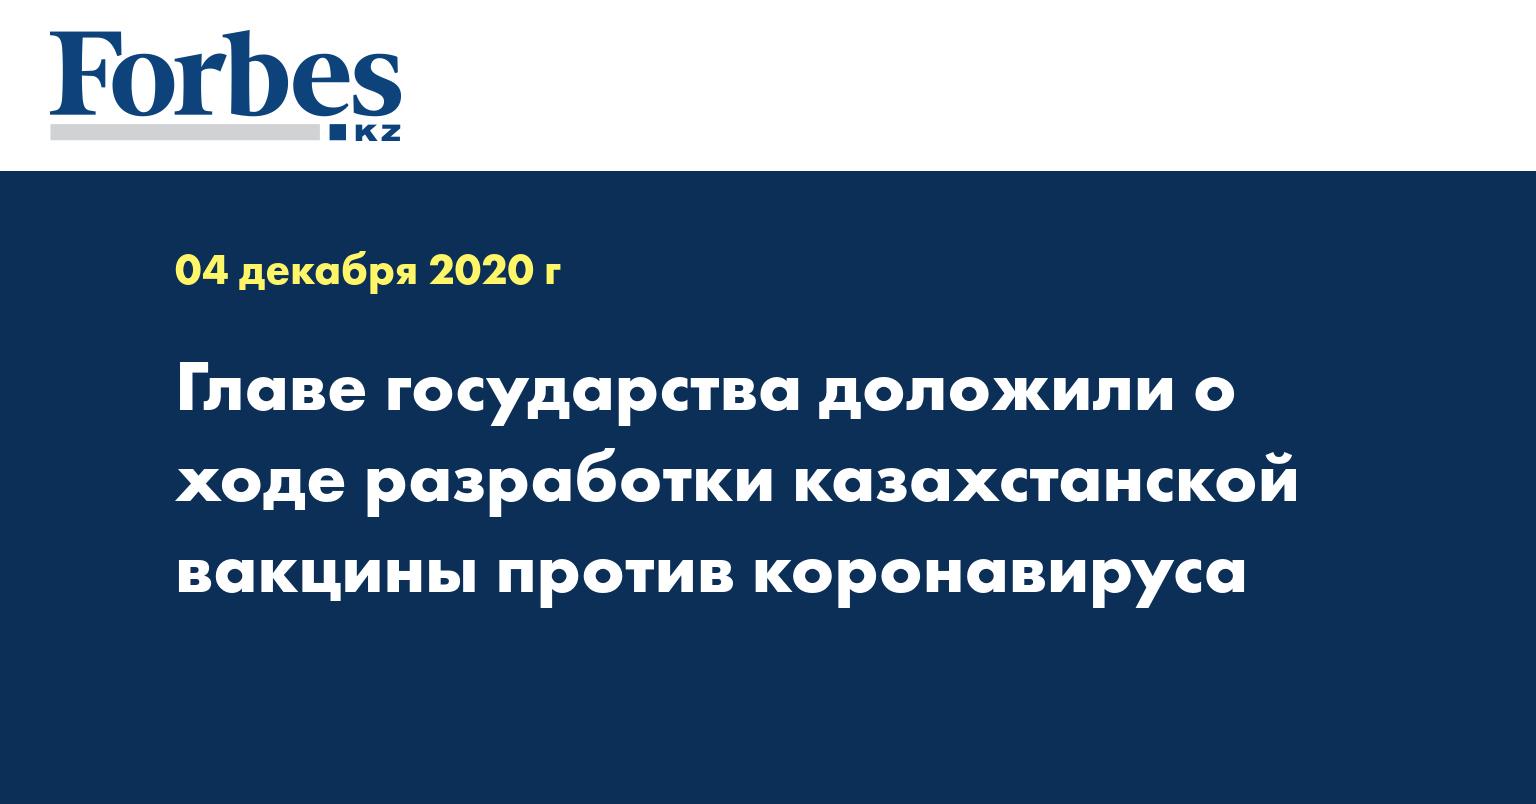 Главе государства доложили о ходе разработки казахстанской вакцины против коронавируса